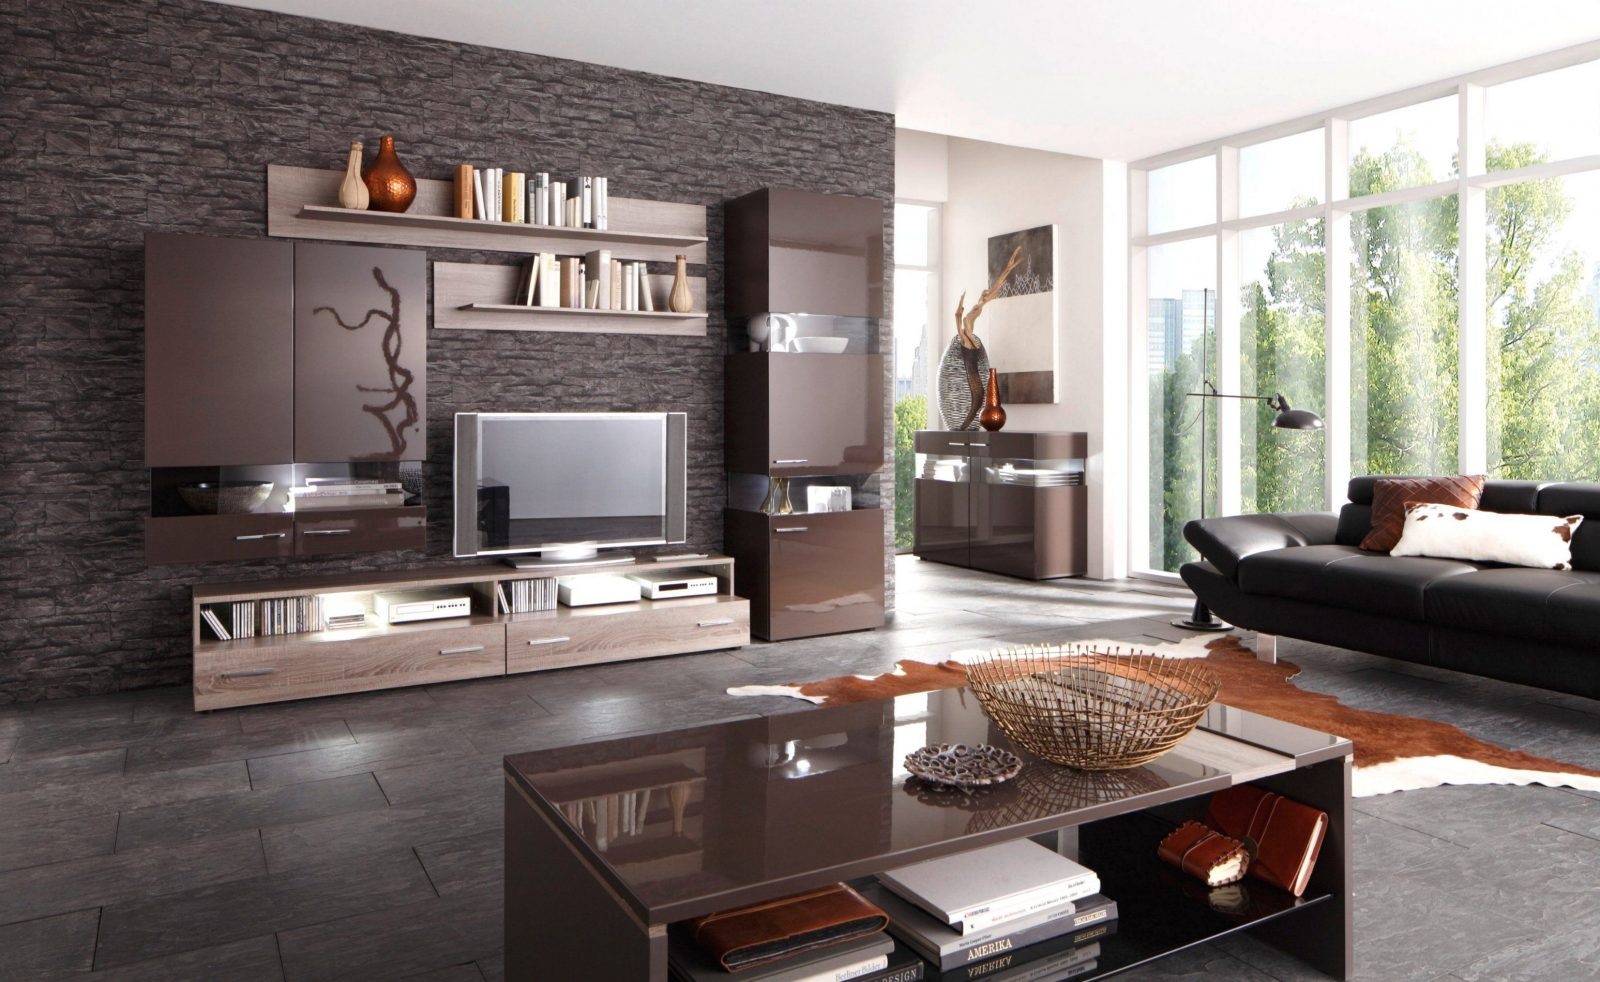 Wohnzimmer Einrichten Programm Kleines Wohnzimmer Modern